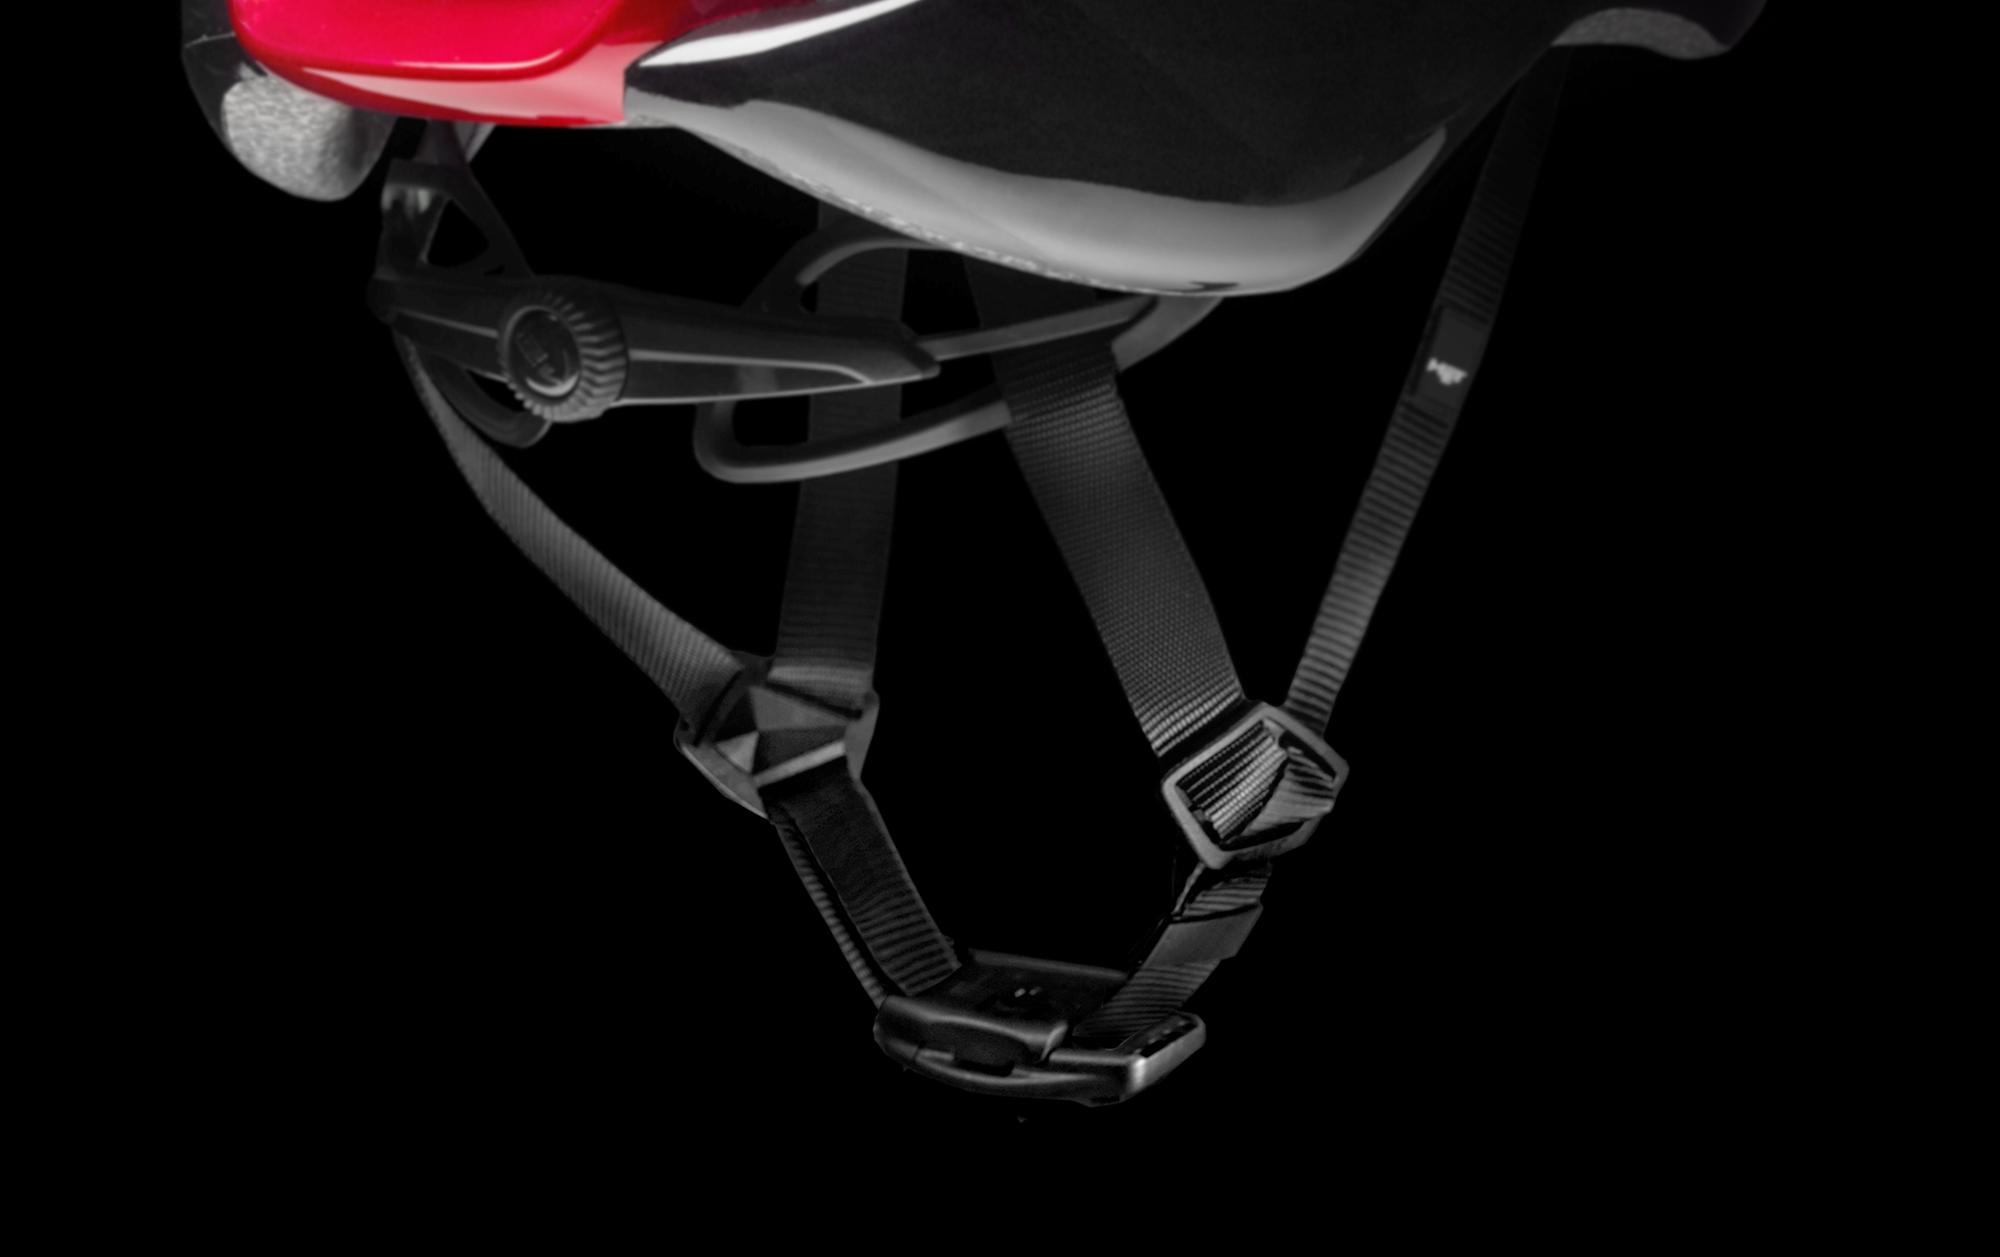 MET Manta Mips Road, Triathlon and Winter Rides Helmet: Fidlock magnetic buckle